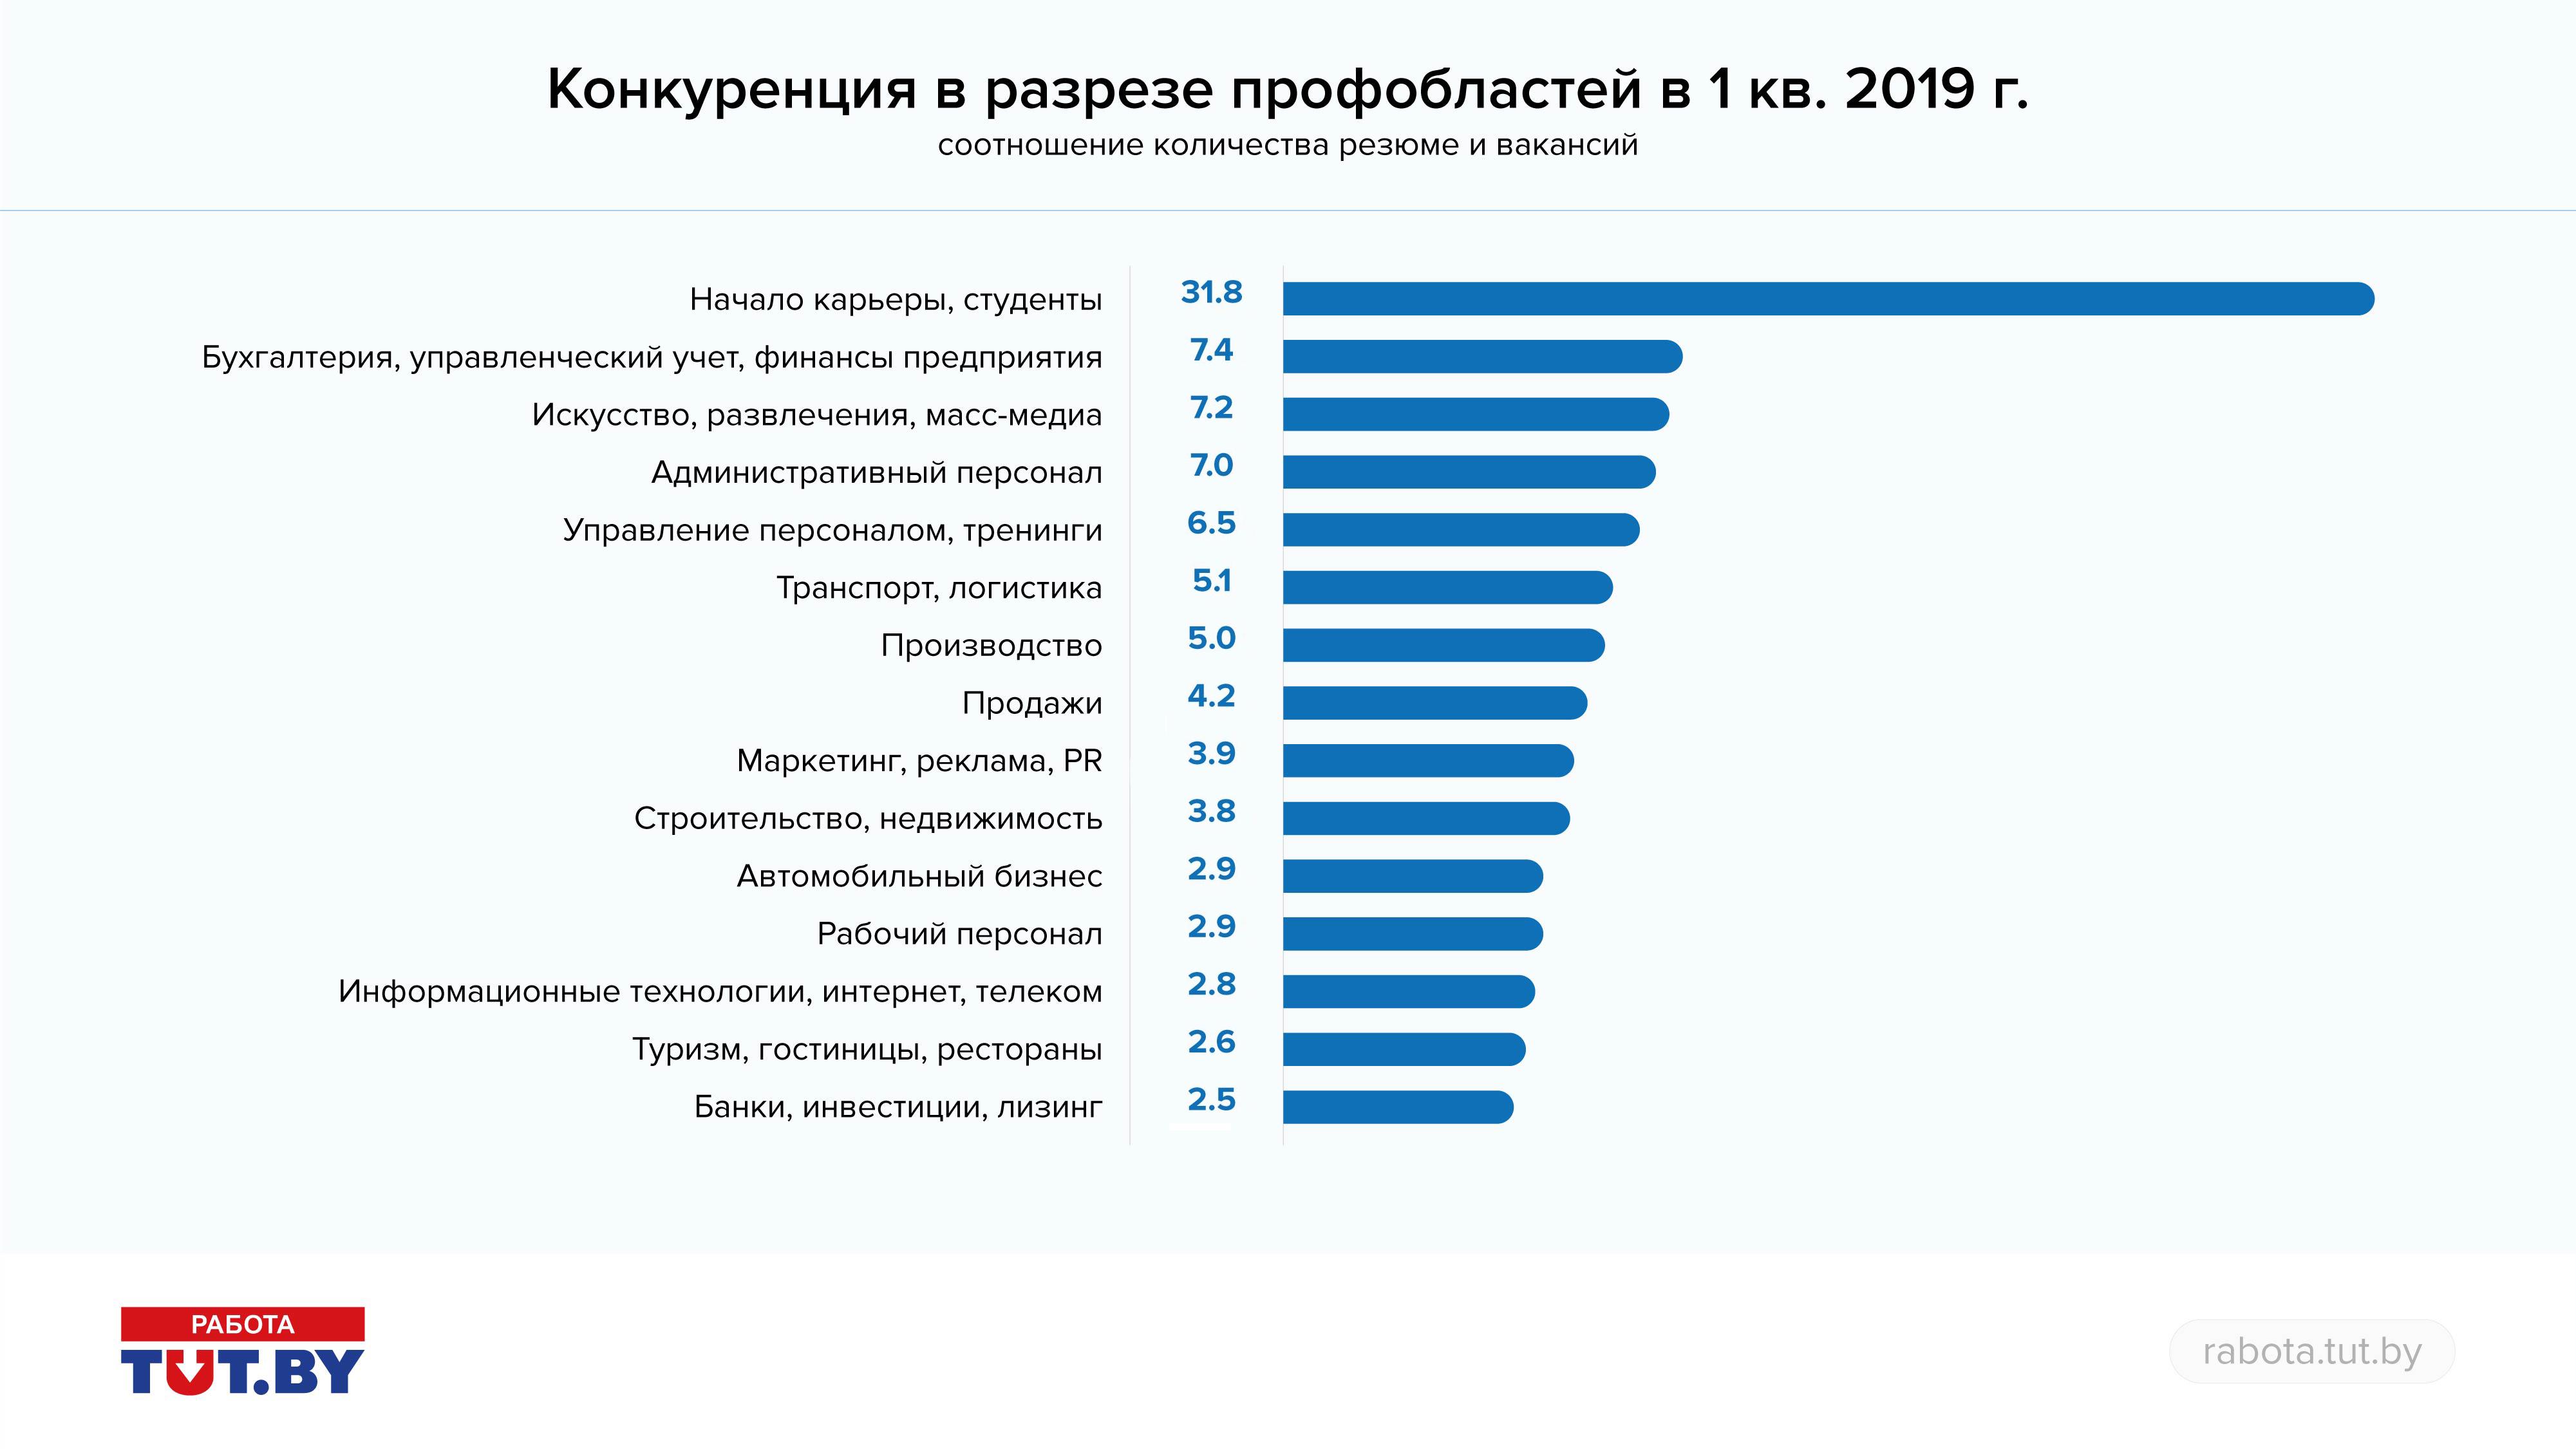 Рынок труда в 1 квартале 2019 года